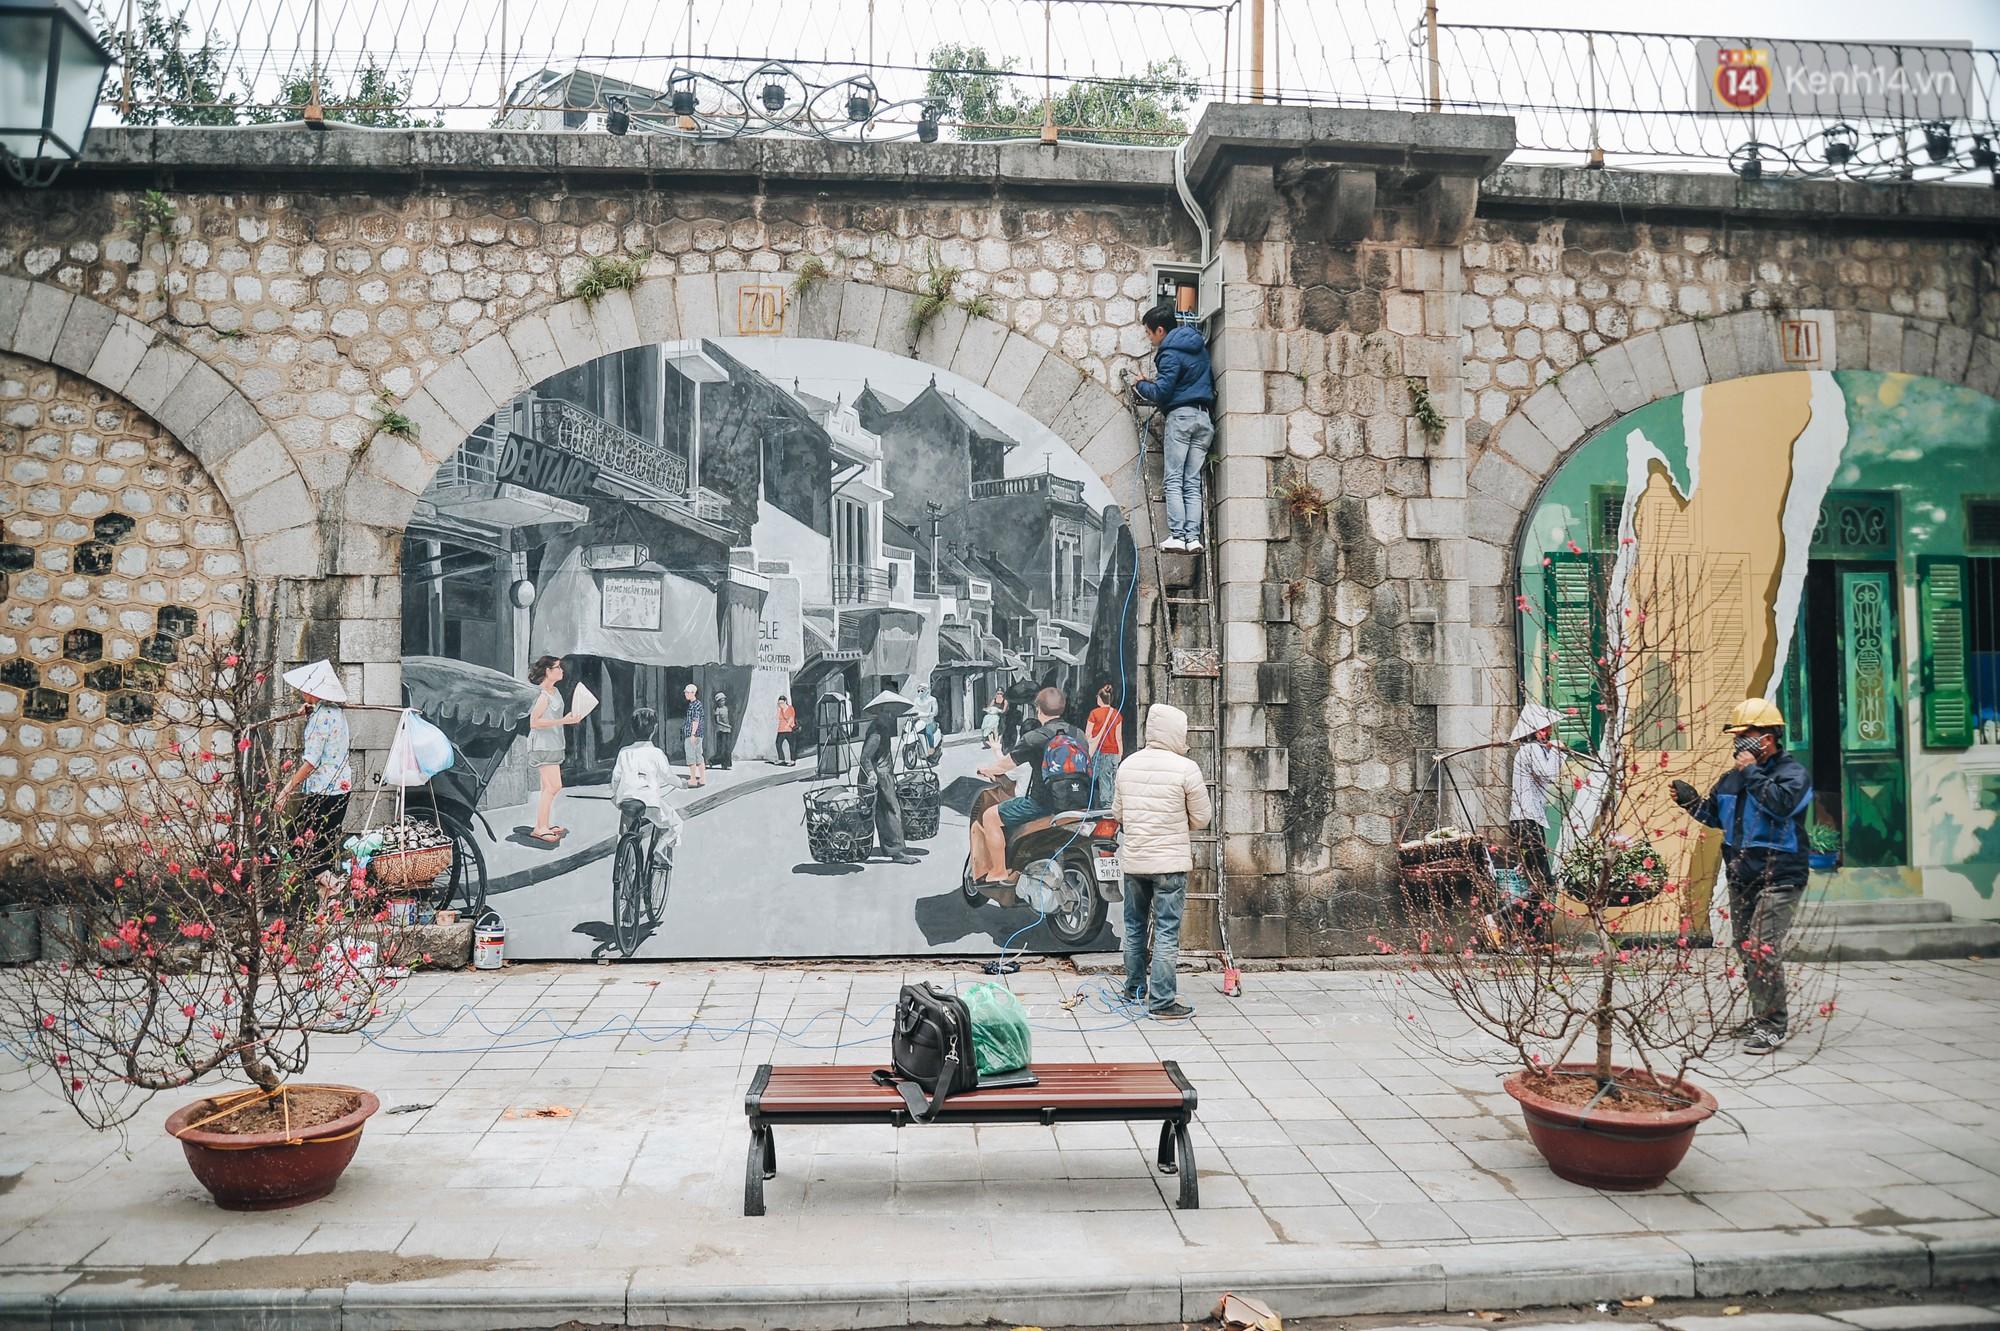 Phố bích họa Phùng Hưng hồi sinh, trở thành phố đi bộ kết nối với không gian chợ Đồng Xuân - Ảnh 2.